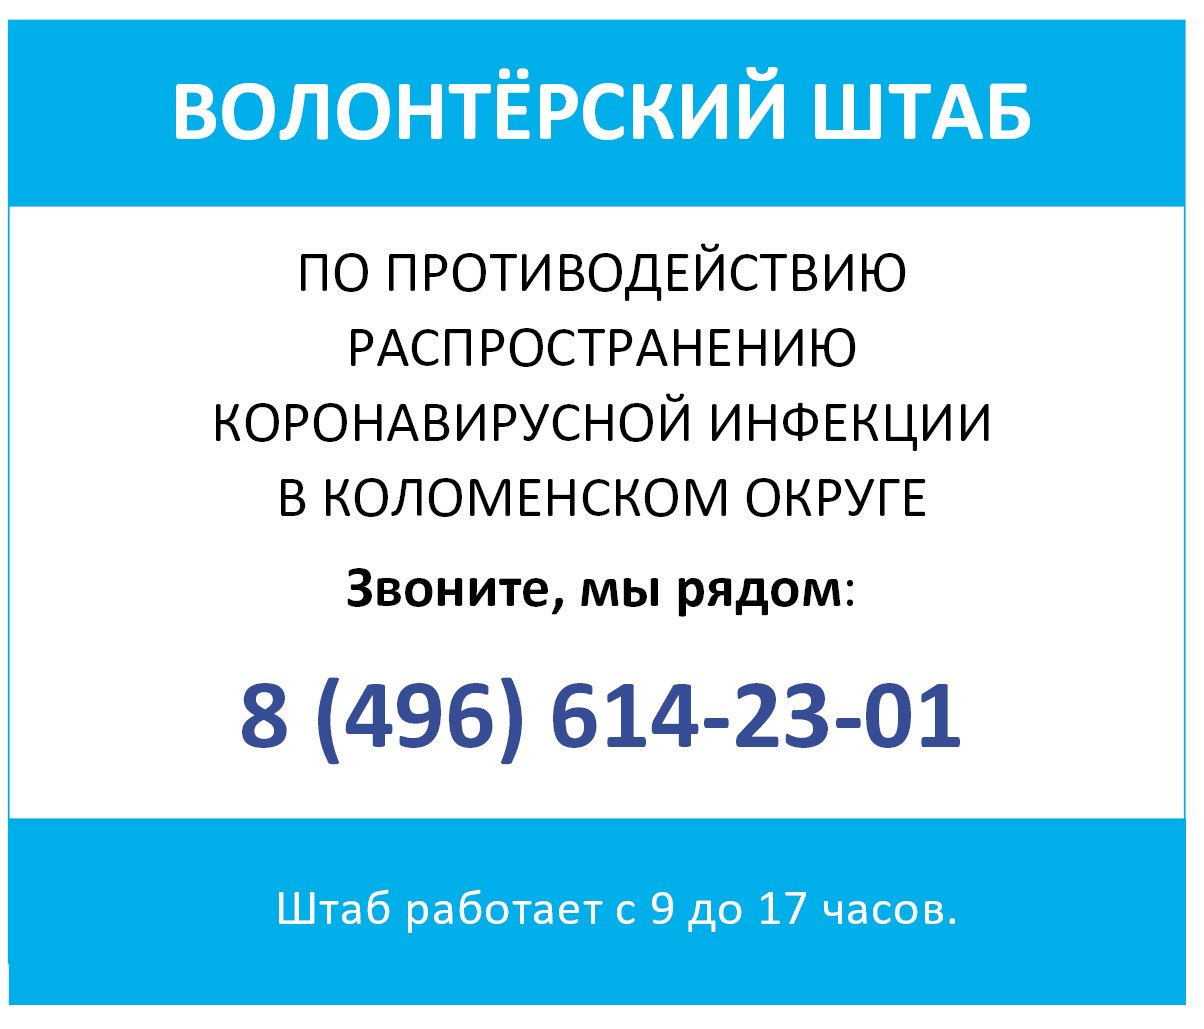 Коломенские волонтёры продолжают оказывать помощь всем, кому она необходима